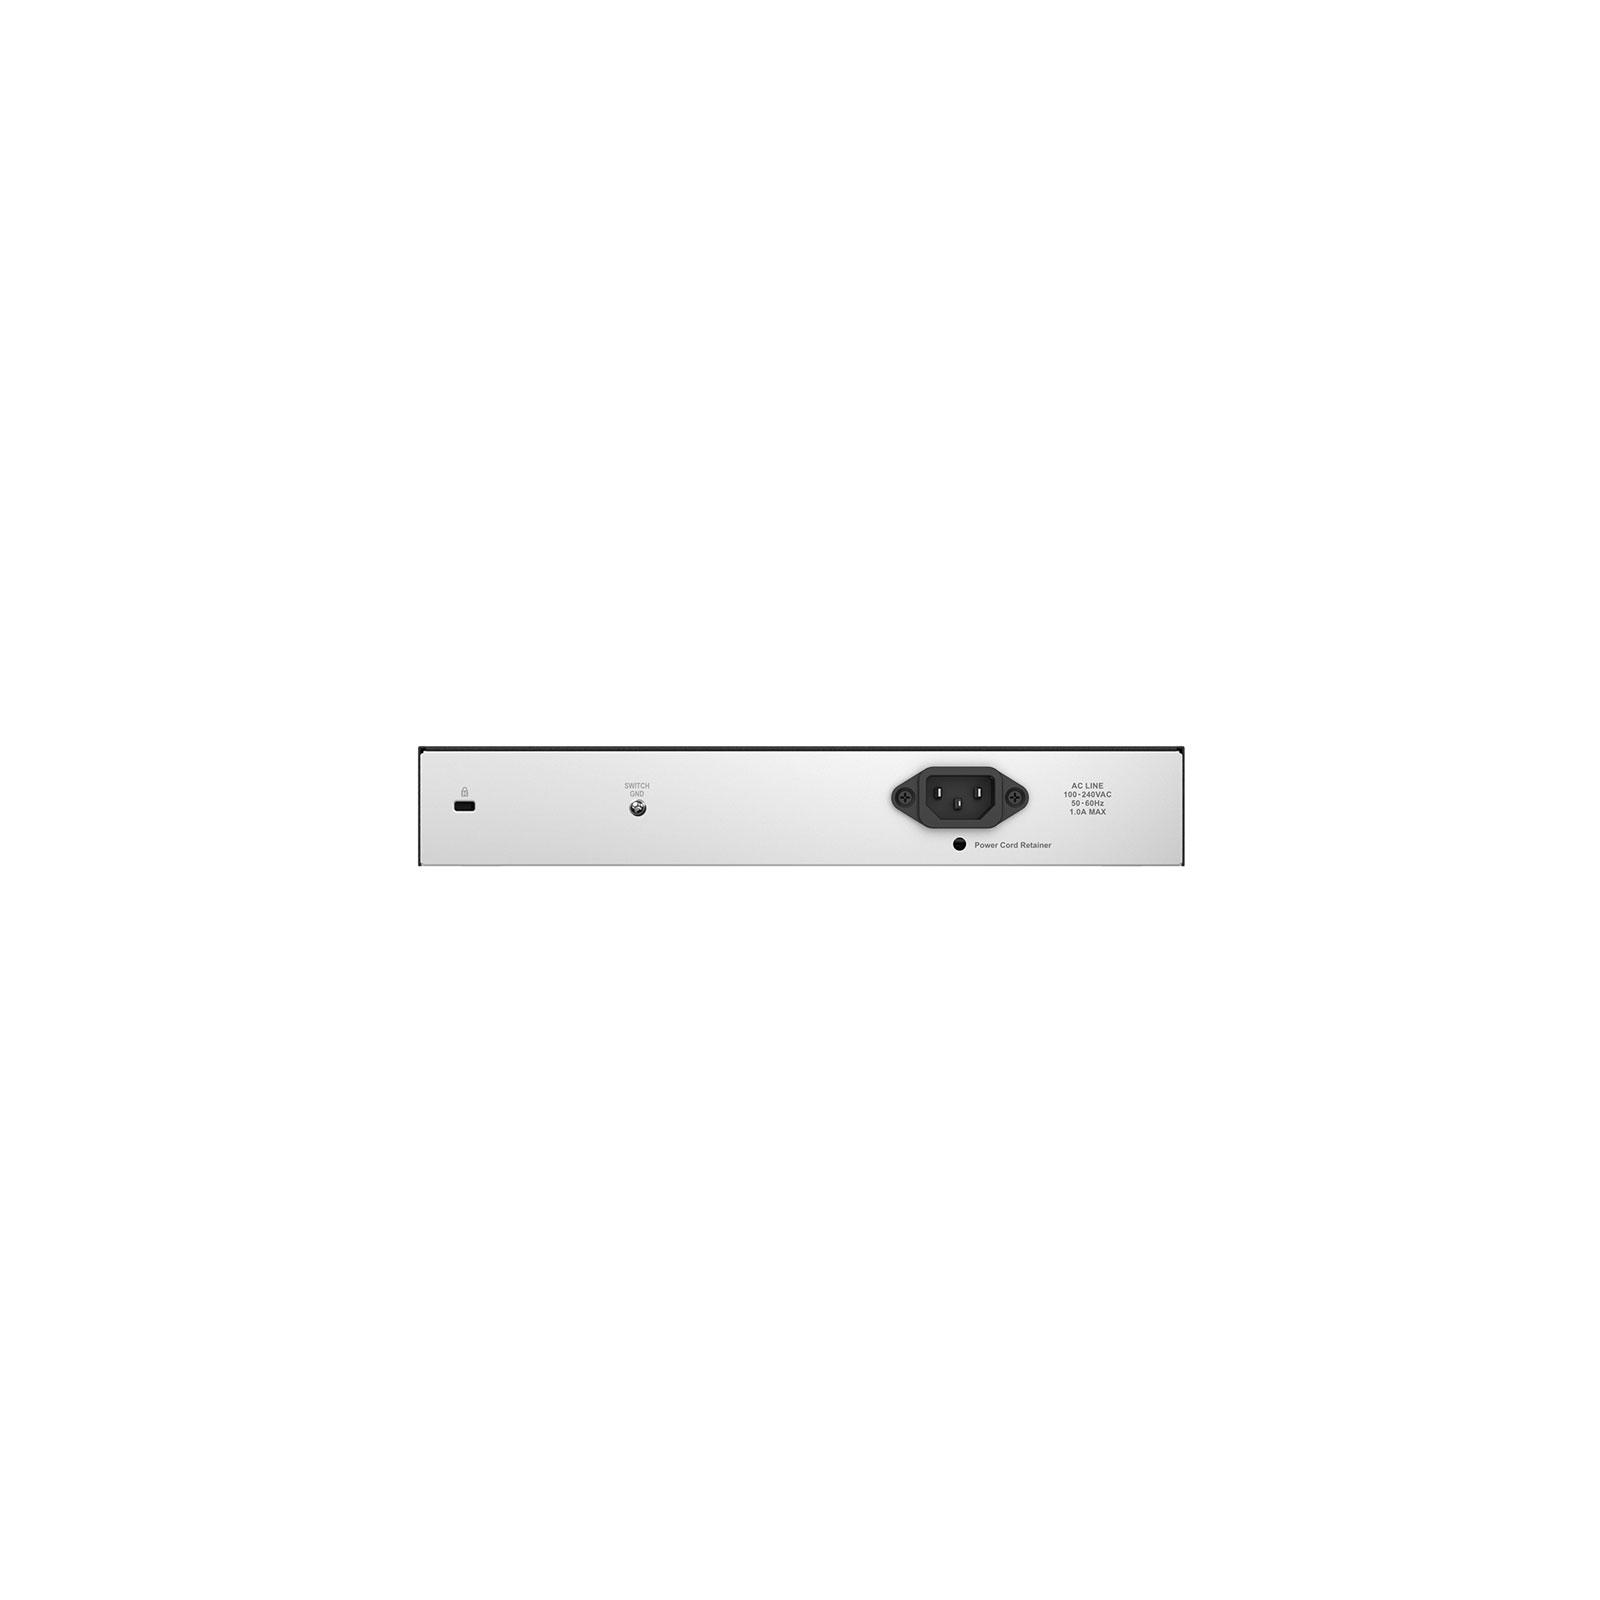 Коммутатор сетевой D-Link DGS-1100-16/ME изображение 3